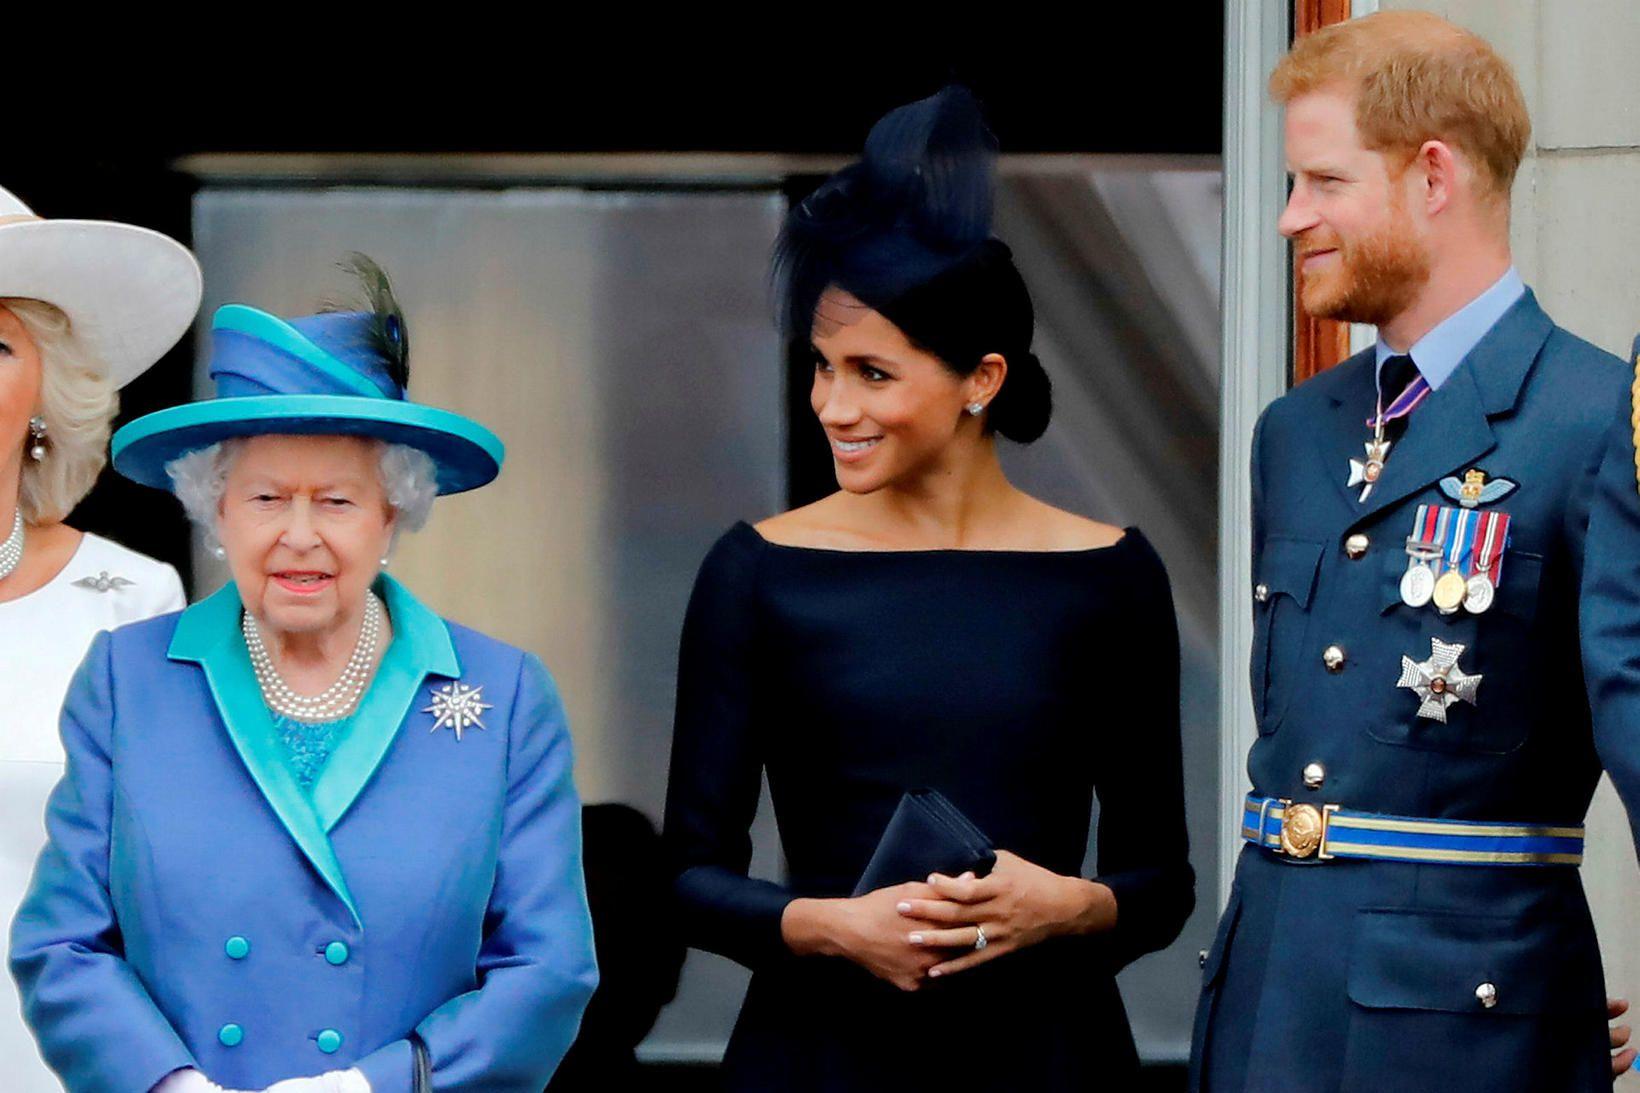 Drottningin segist, í yfirlýsingu sem hún sendir frá sér síðdegis …